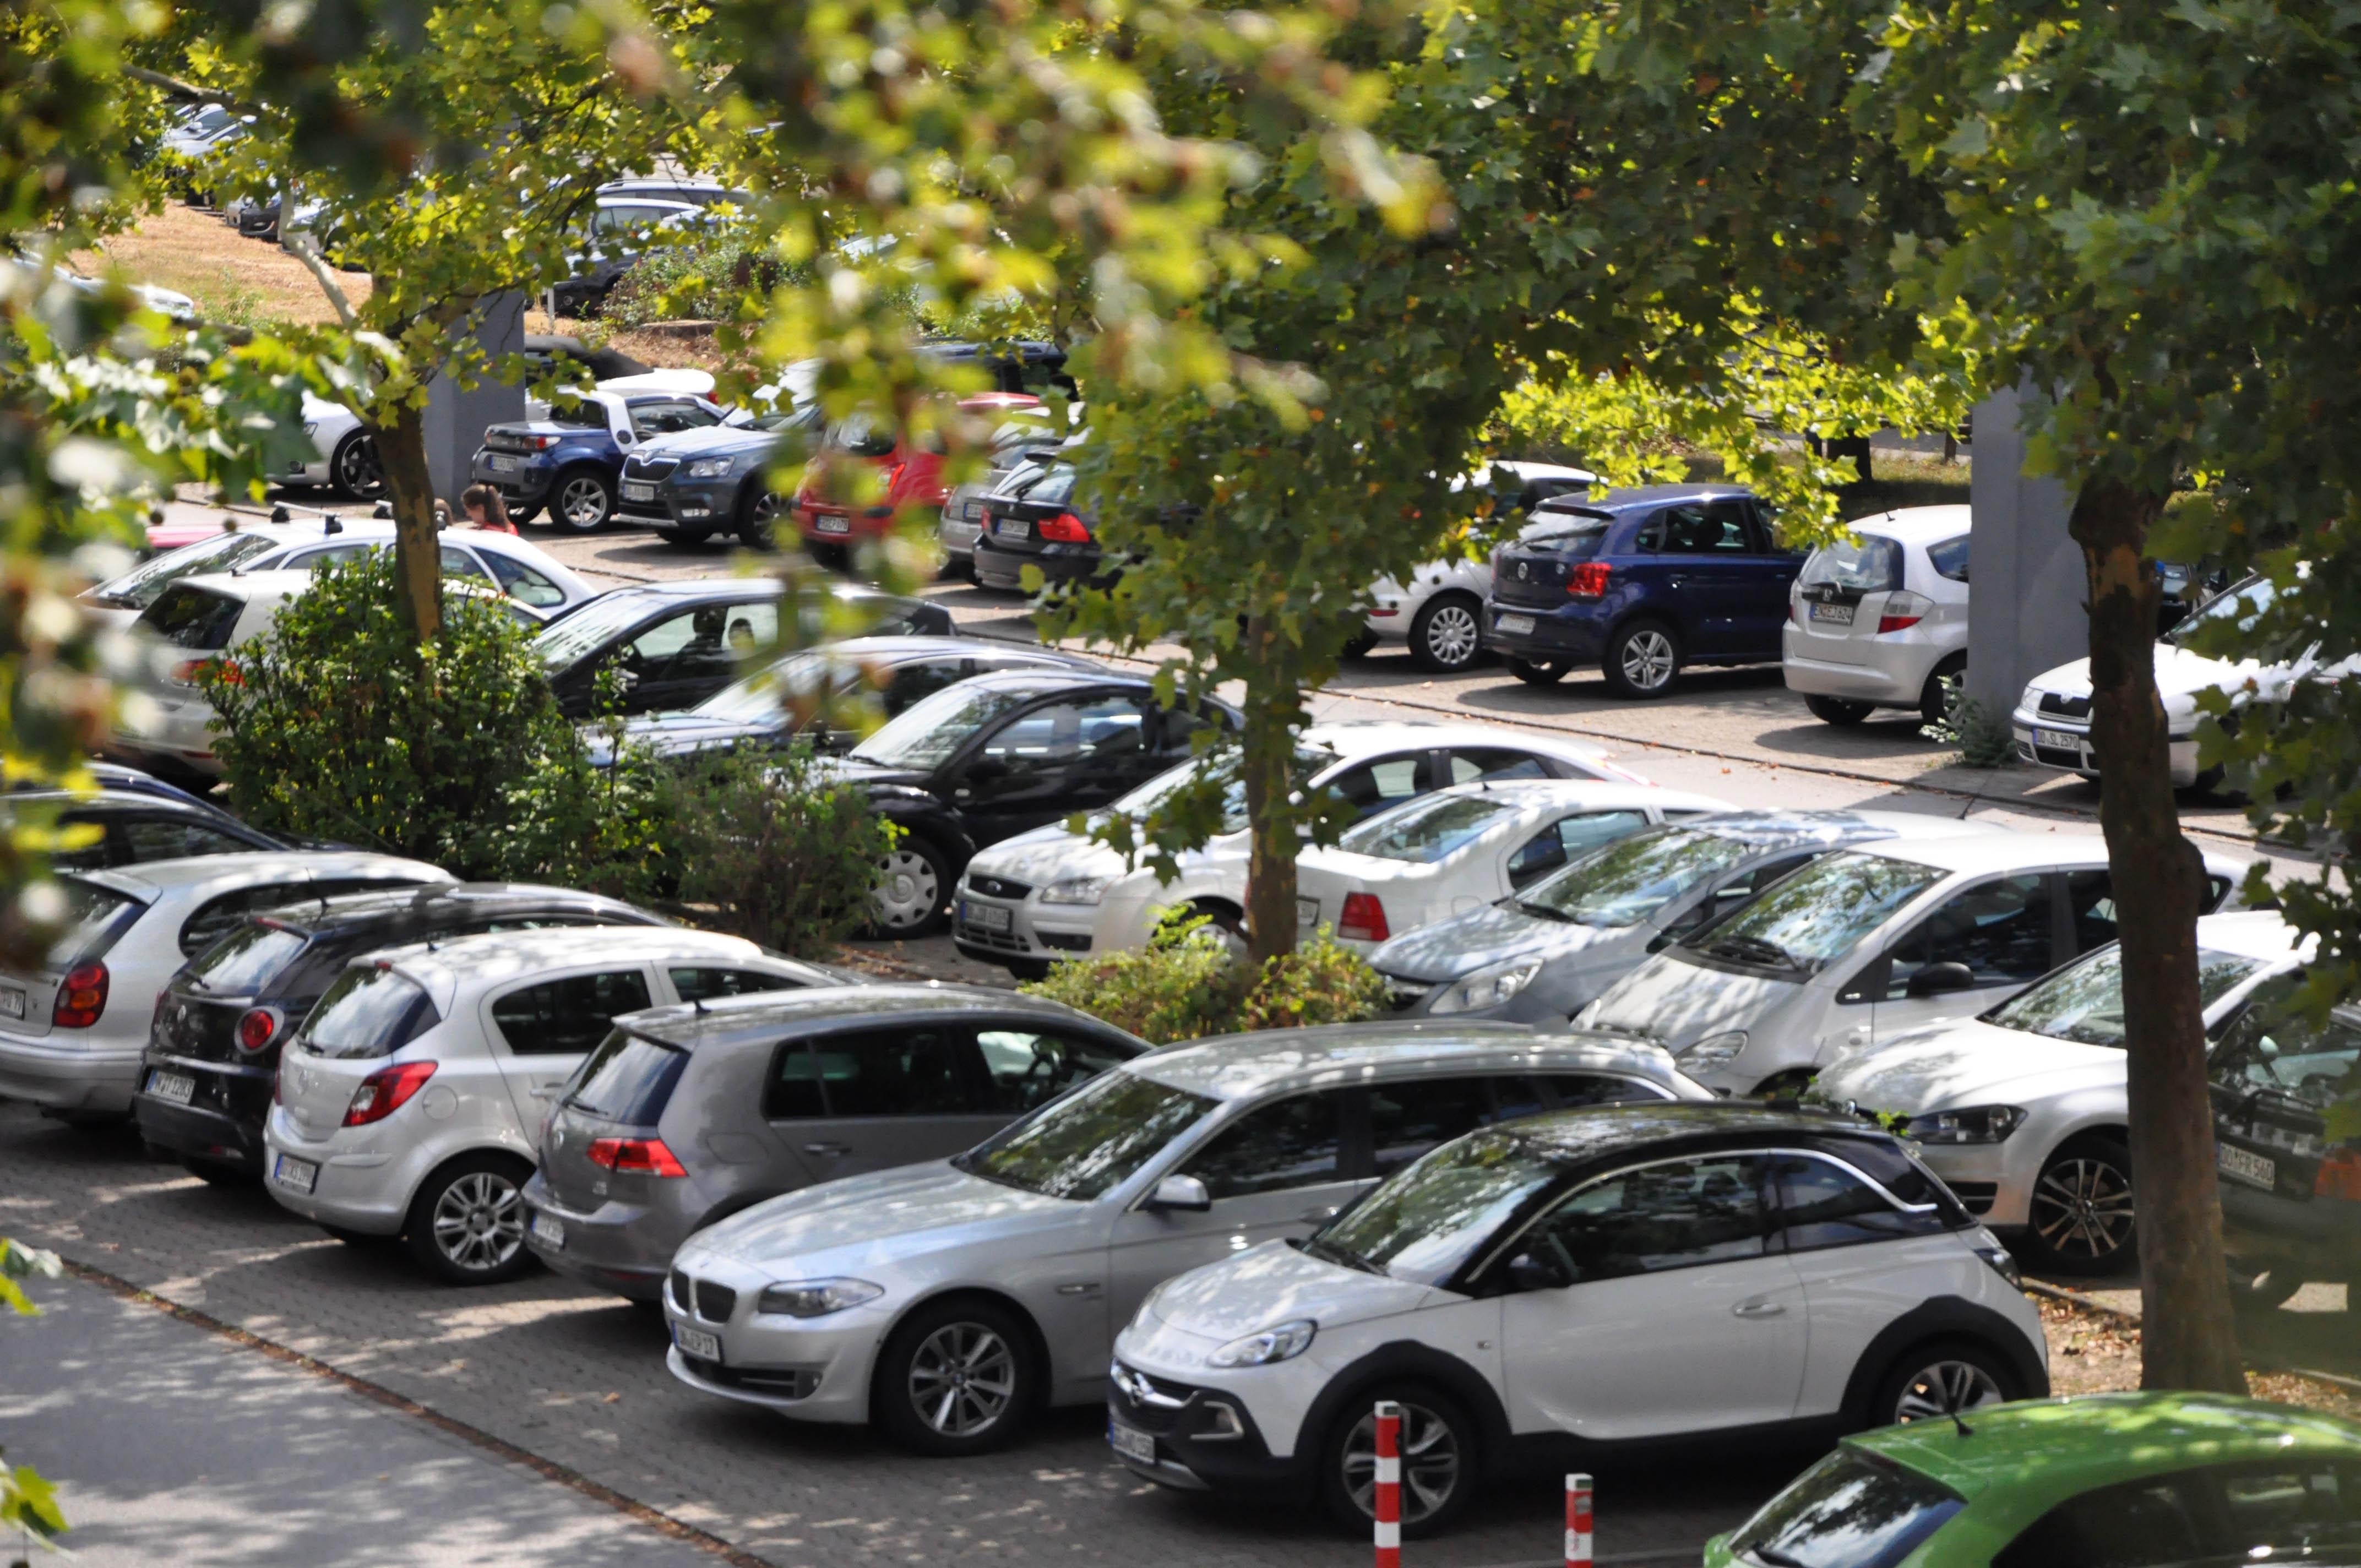 Viele Autos stehen auf dem Uni-Parkplatz. Ein gestiegener Ölpreis könnte Fahrten zur Uni teurer machen.